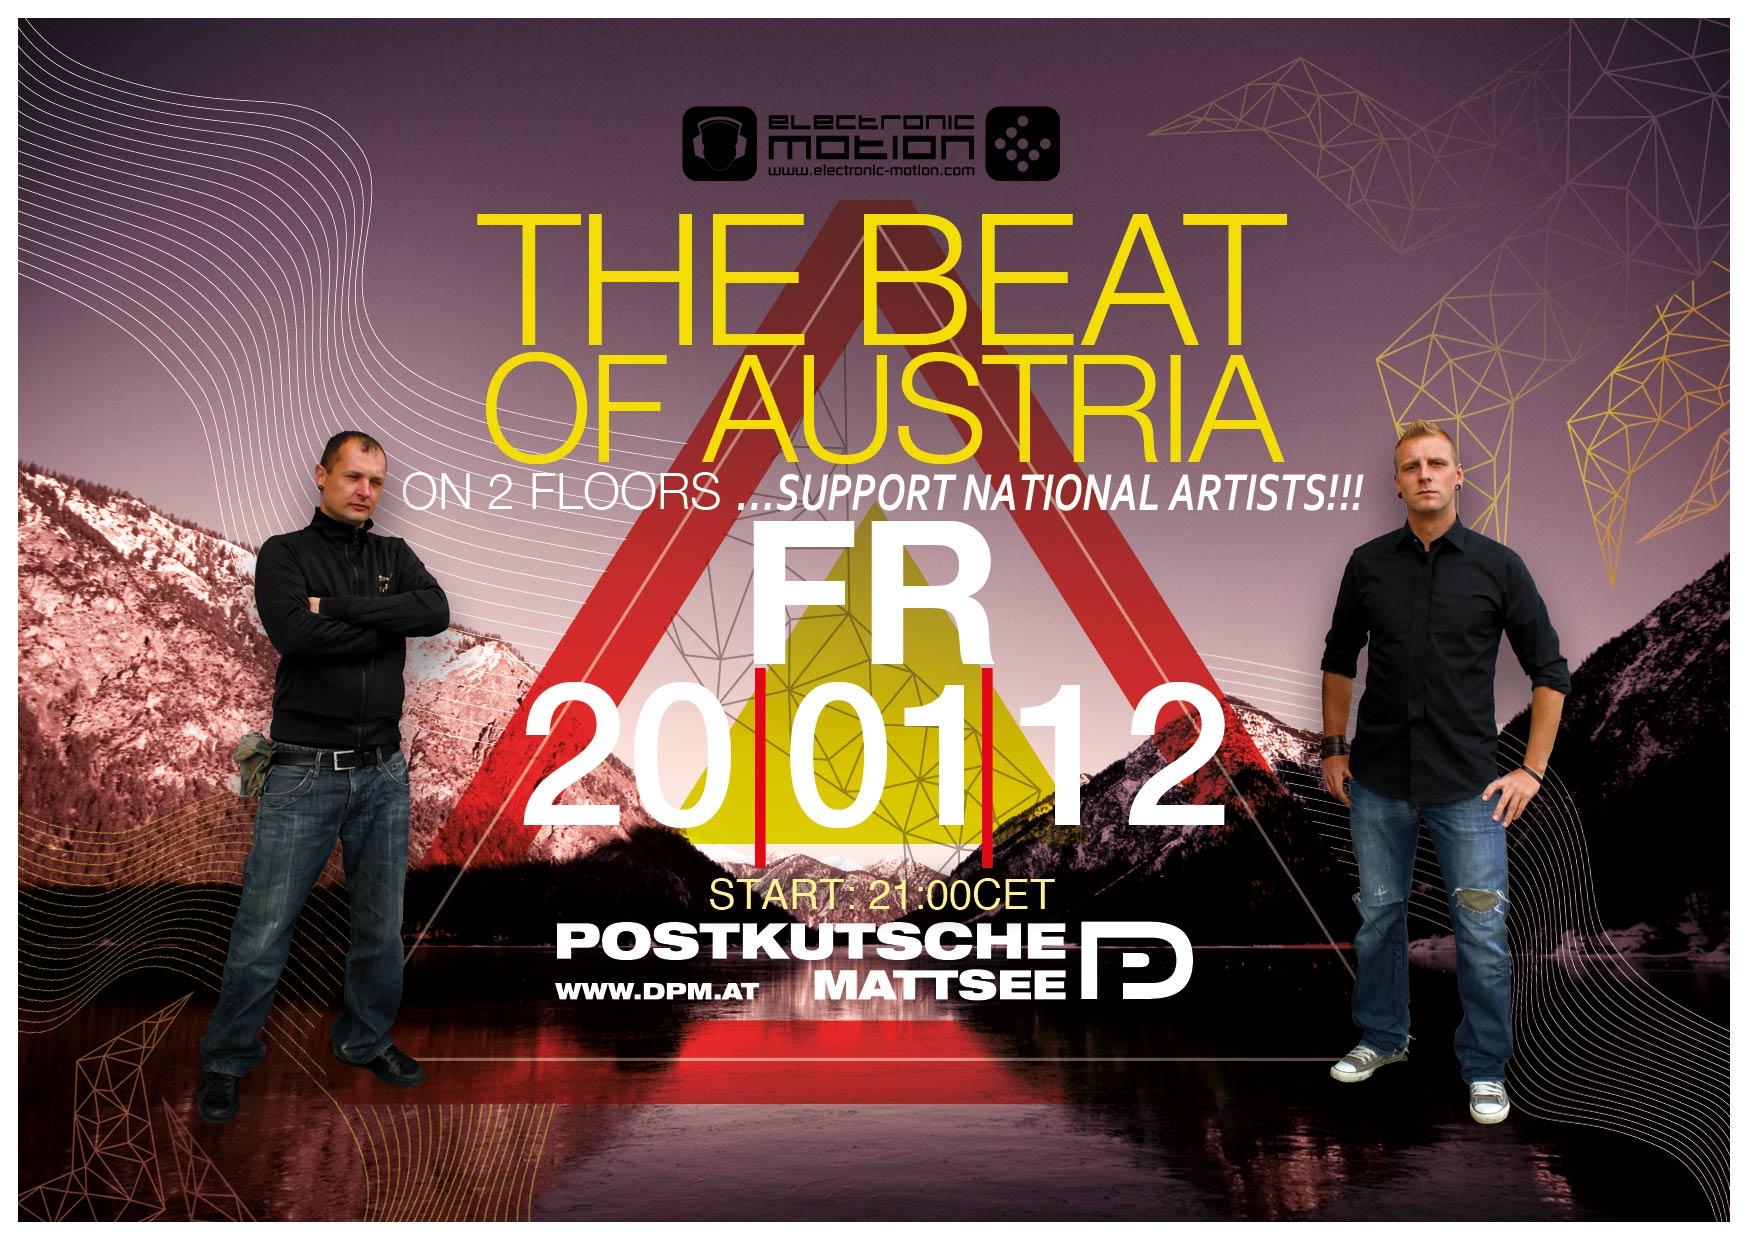 Sendung vom 20. Jänner 2012